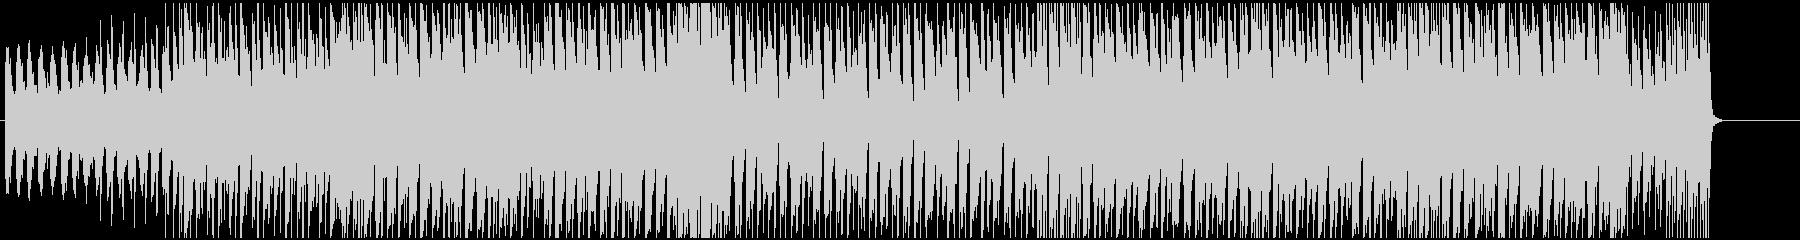 激しくインパクトあるメロディーの未再生の波形